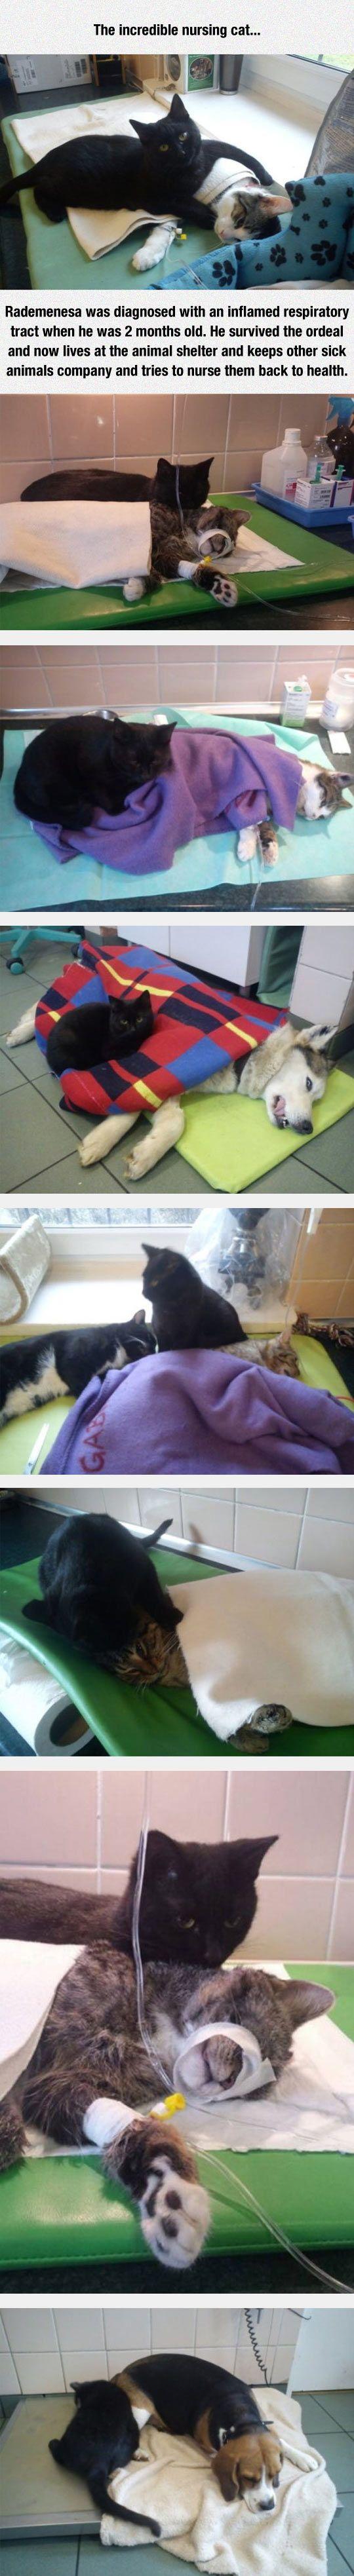 The Nursing Cat